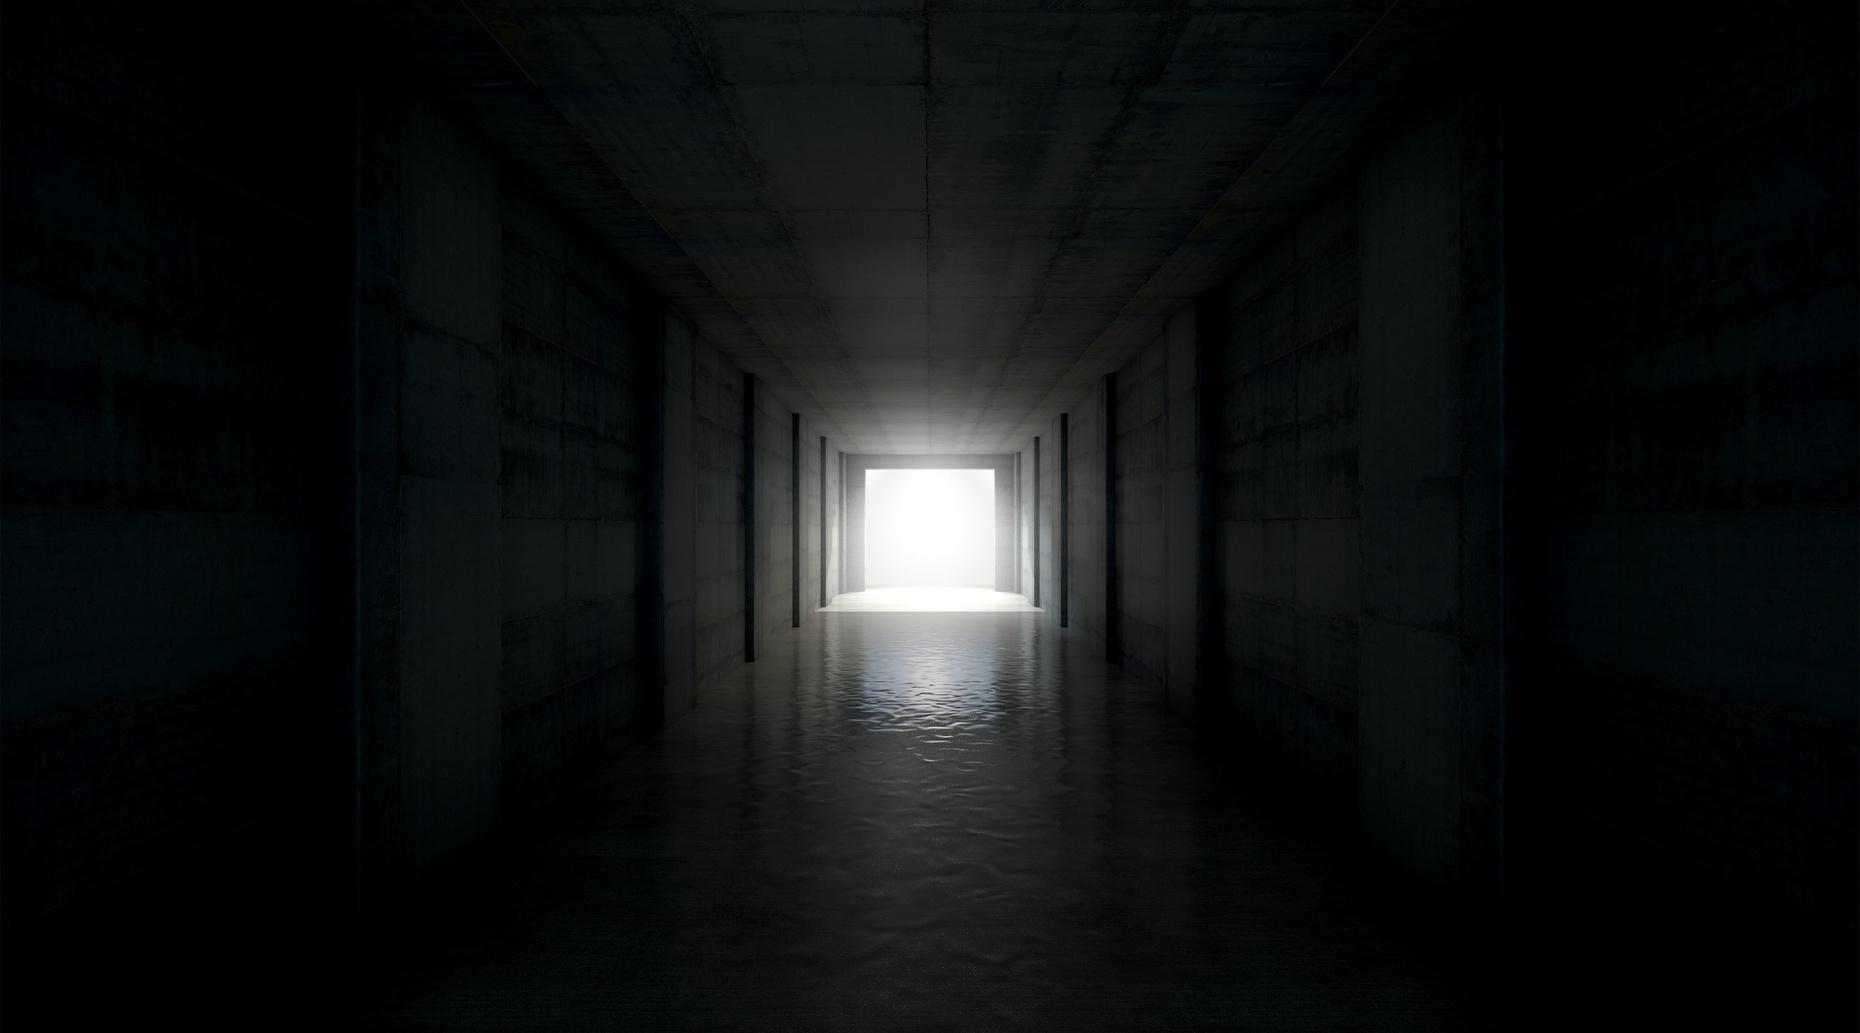 Darkroom Escape Game in North Miami